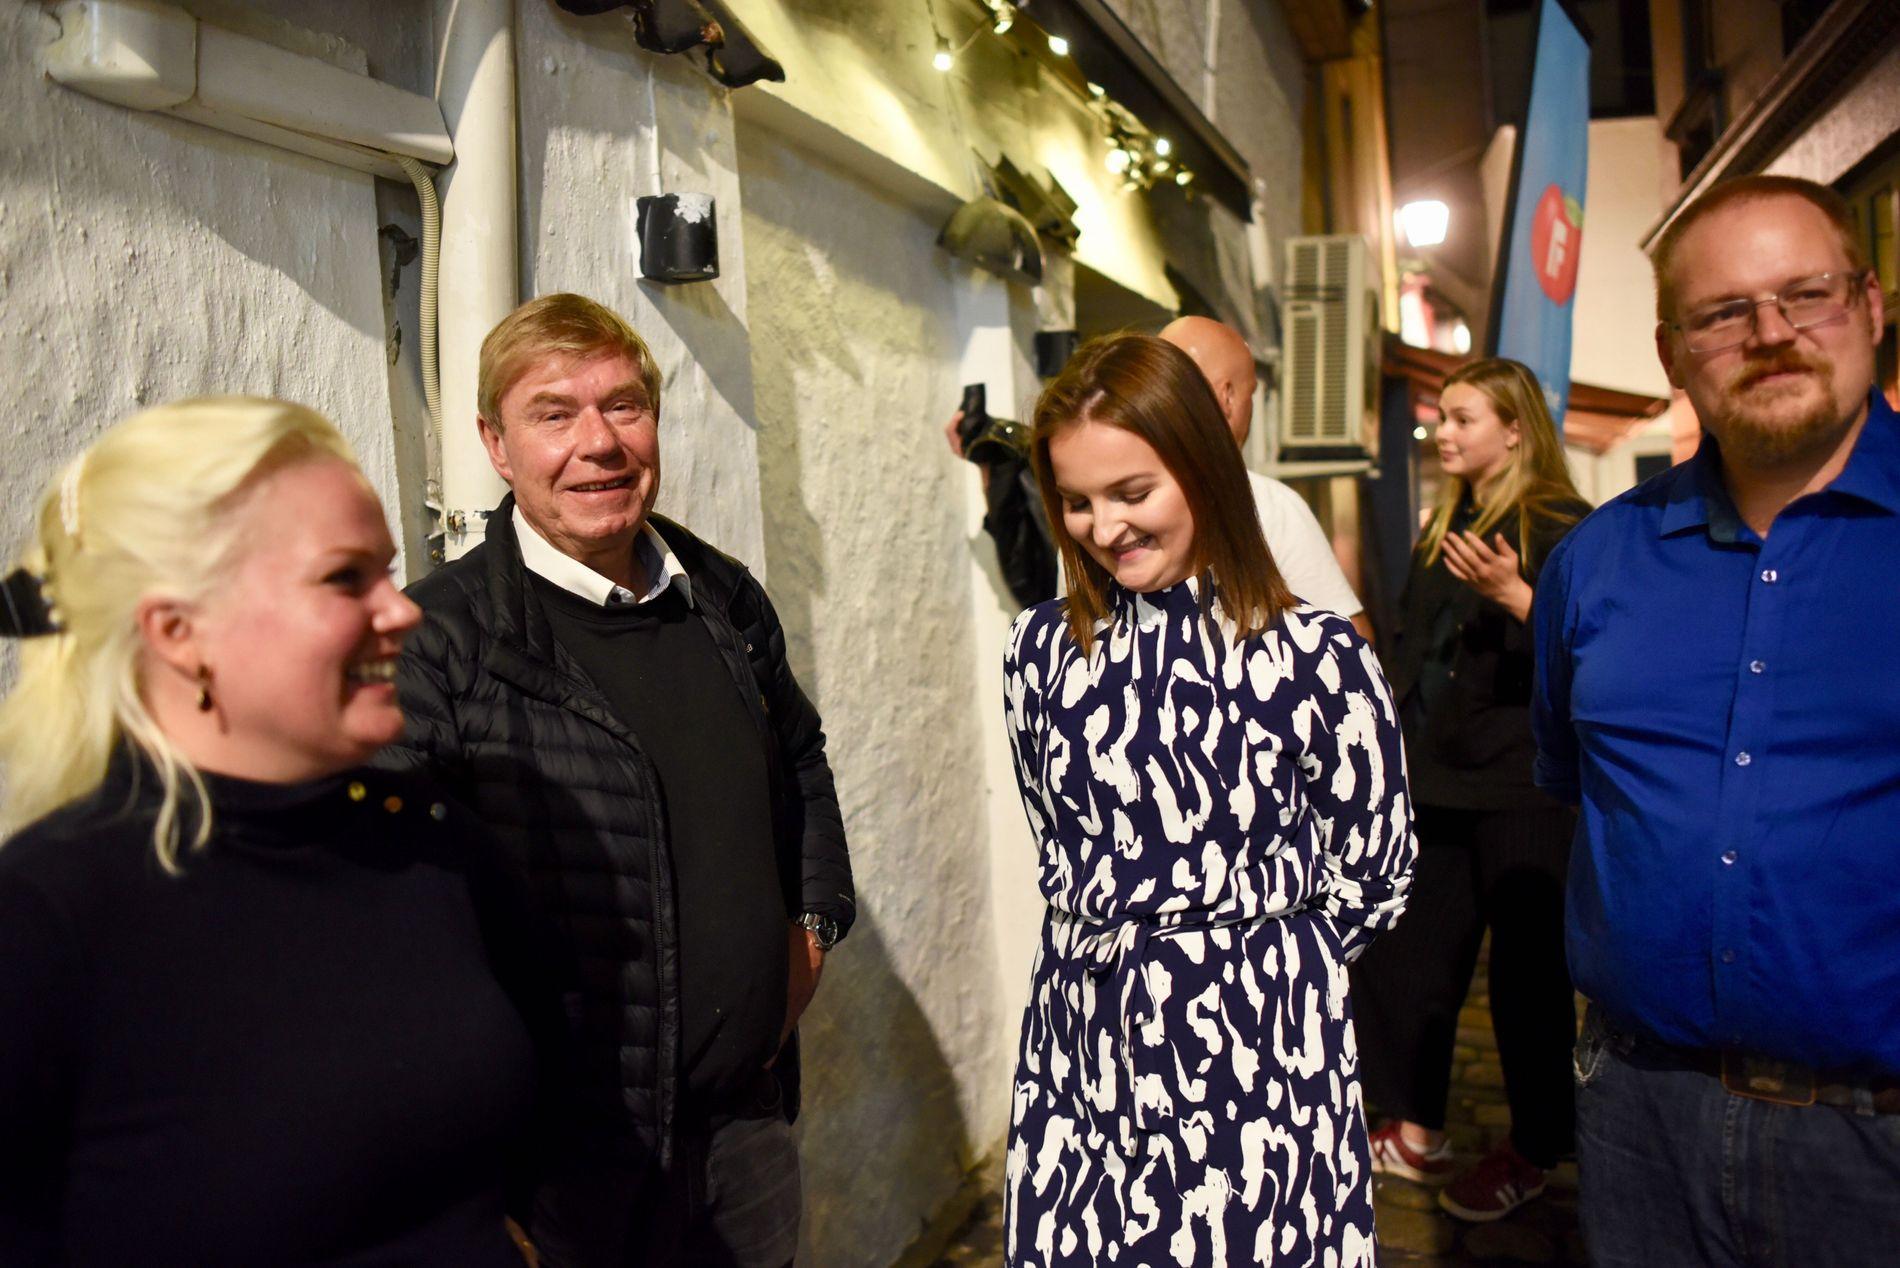 DÅRLIG VALG: – Det er ikke tvil om at bompengelisten har tatt en god del av velgerne våre, sier Tor Woldseth( i midten)